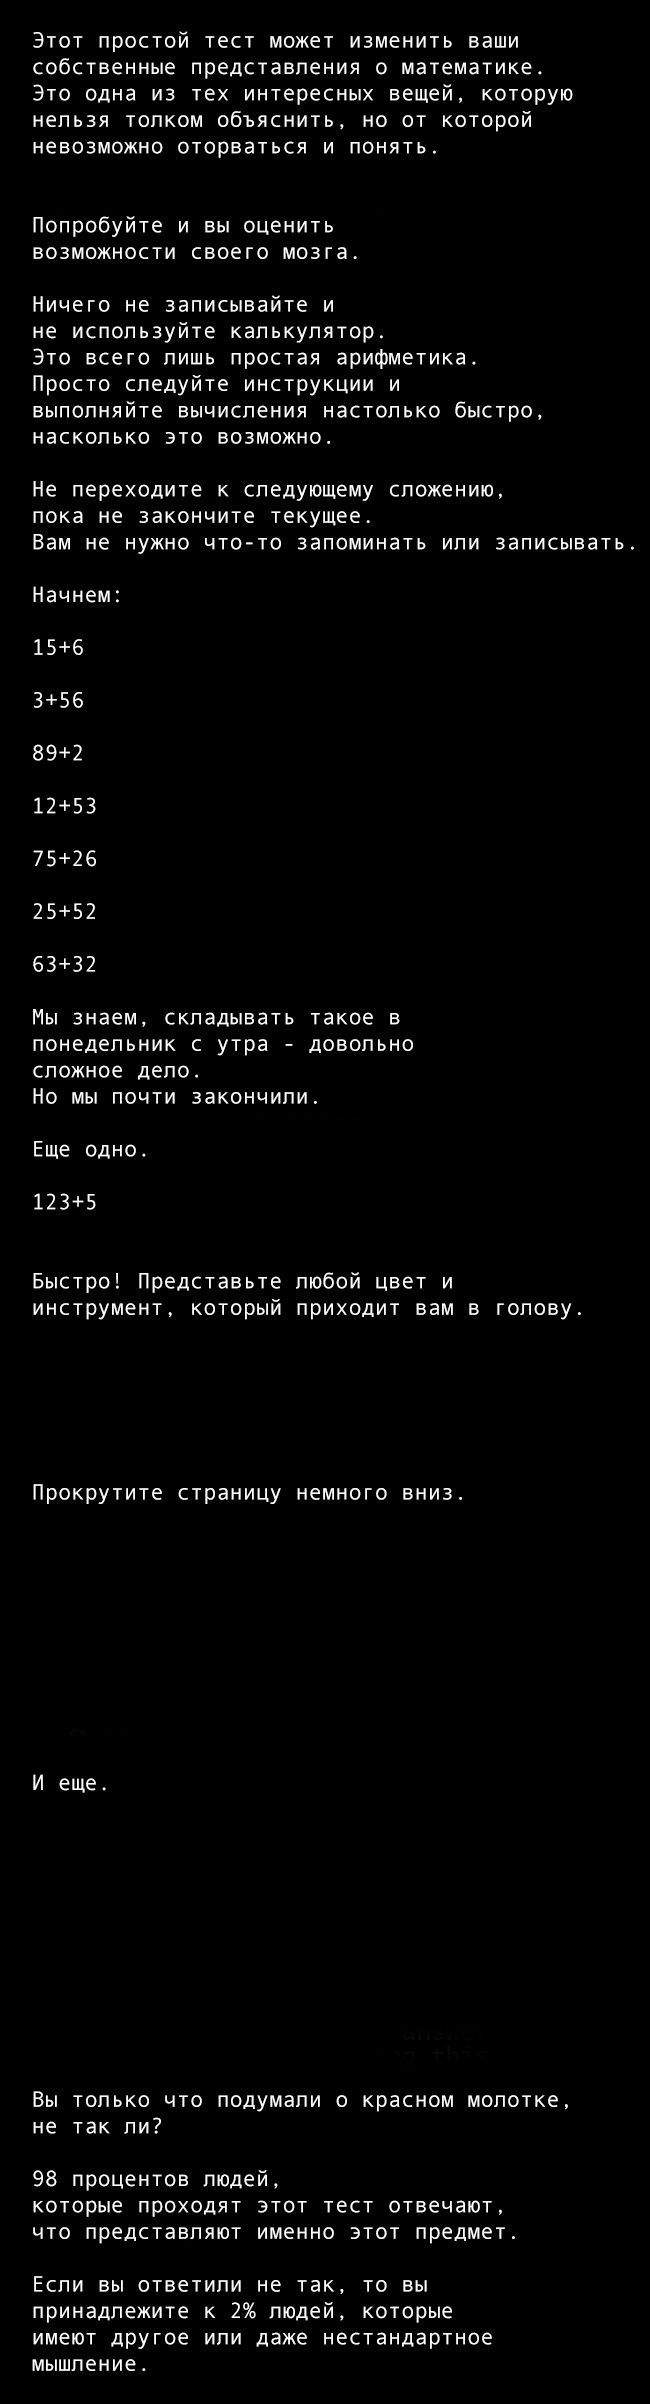 Болтушка форума - Страница 22 52308010